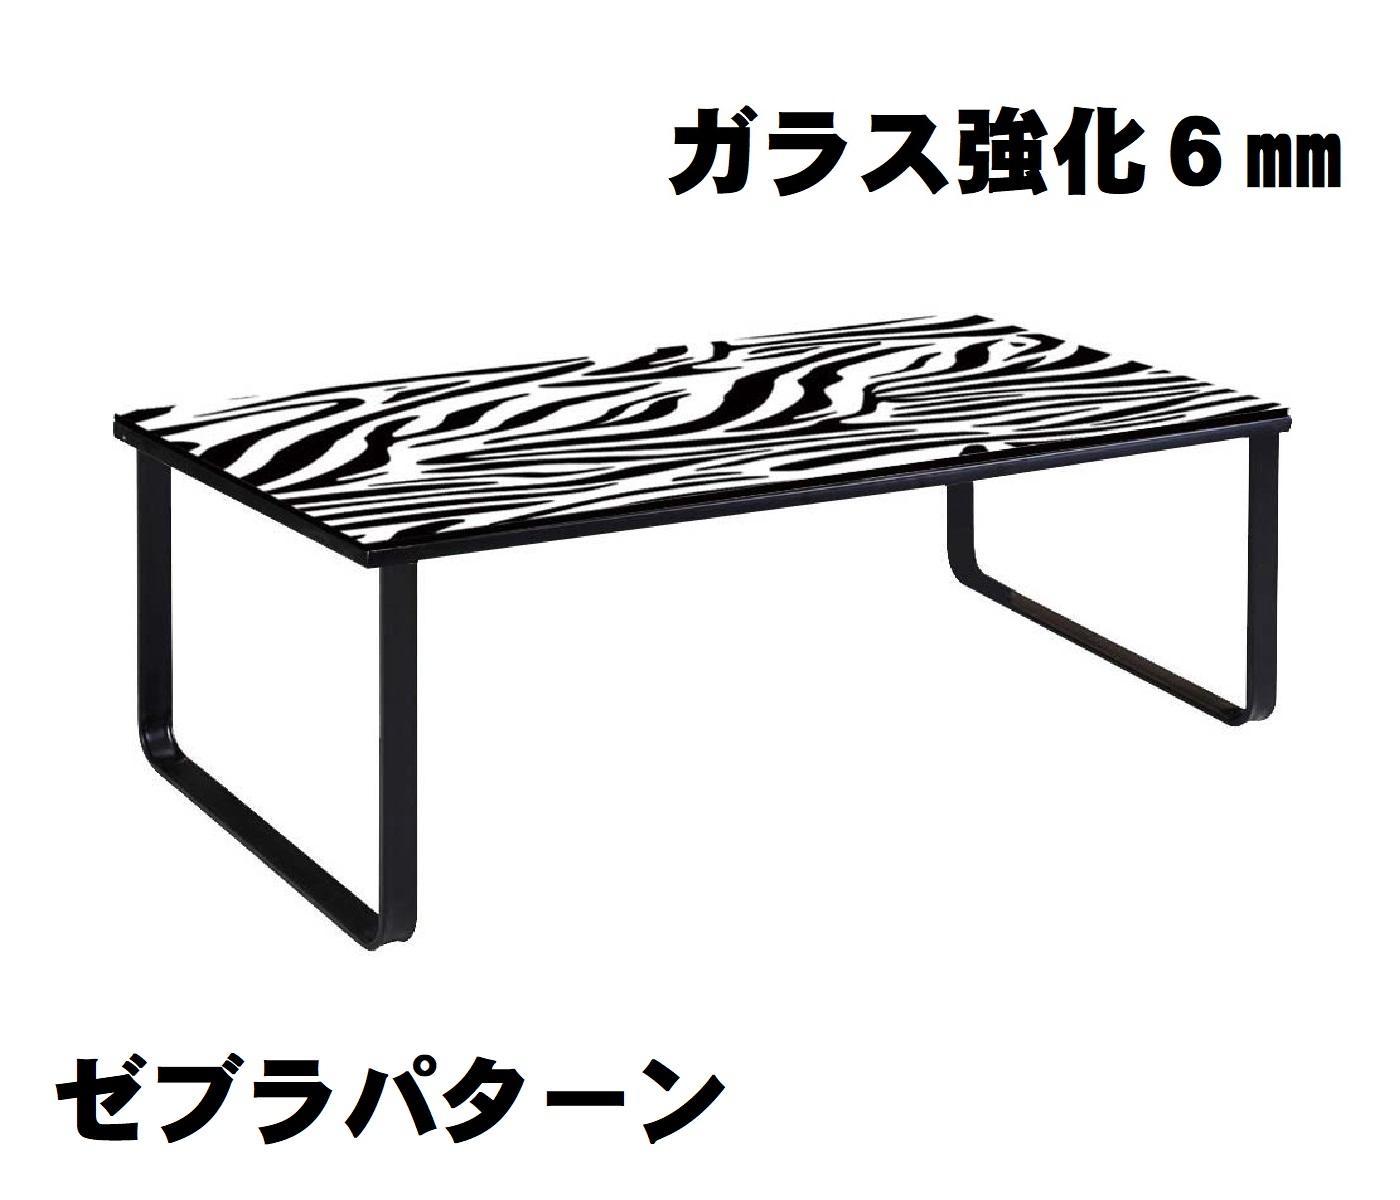 【送料無料】横幅 100 cm ガラステーブル 6mm 強化ガラス センターテーブル リビング 洋室 コンパクト 白 黒 ホワイト ブラック しまうま 北欧 モダン 洋室 収納 リビングテーブル ローテーブル  家具 通販 ゼブラ